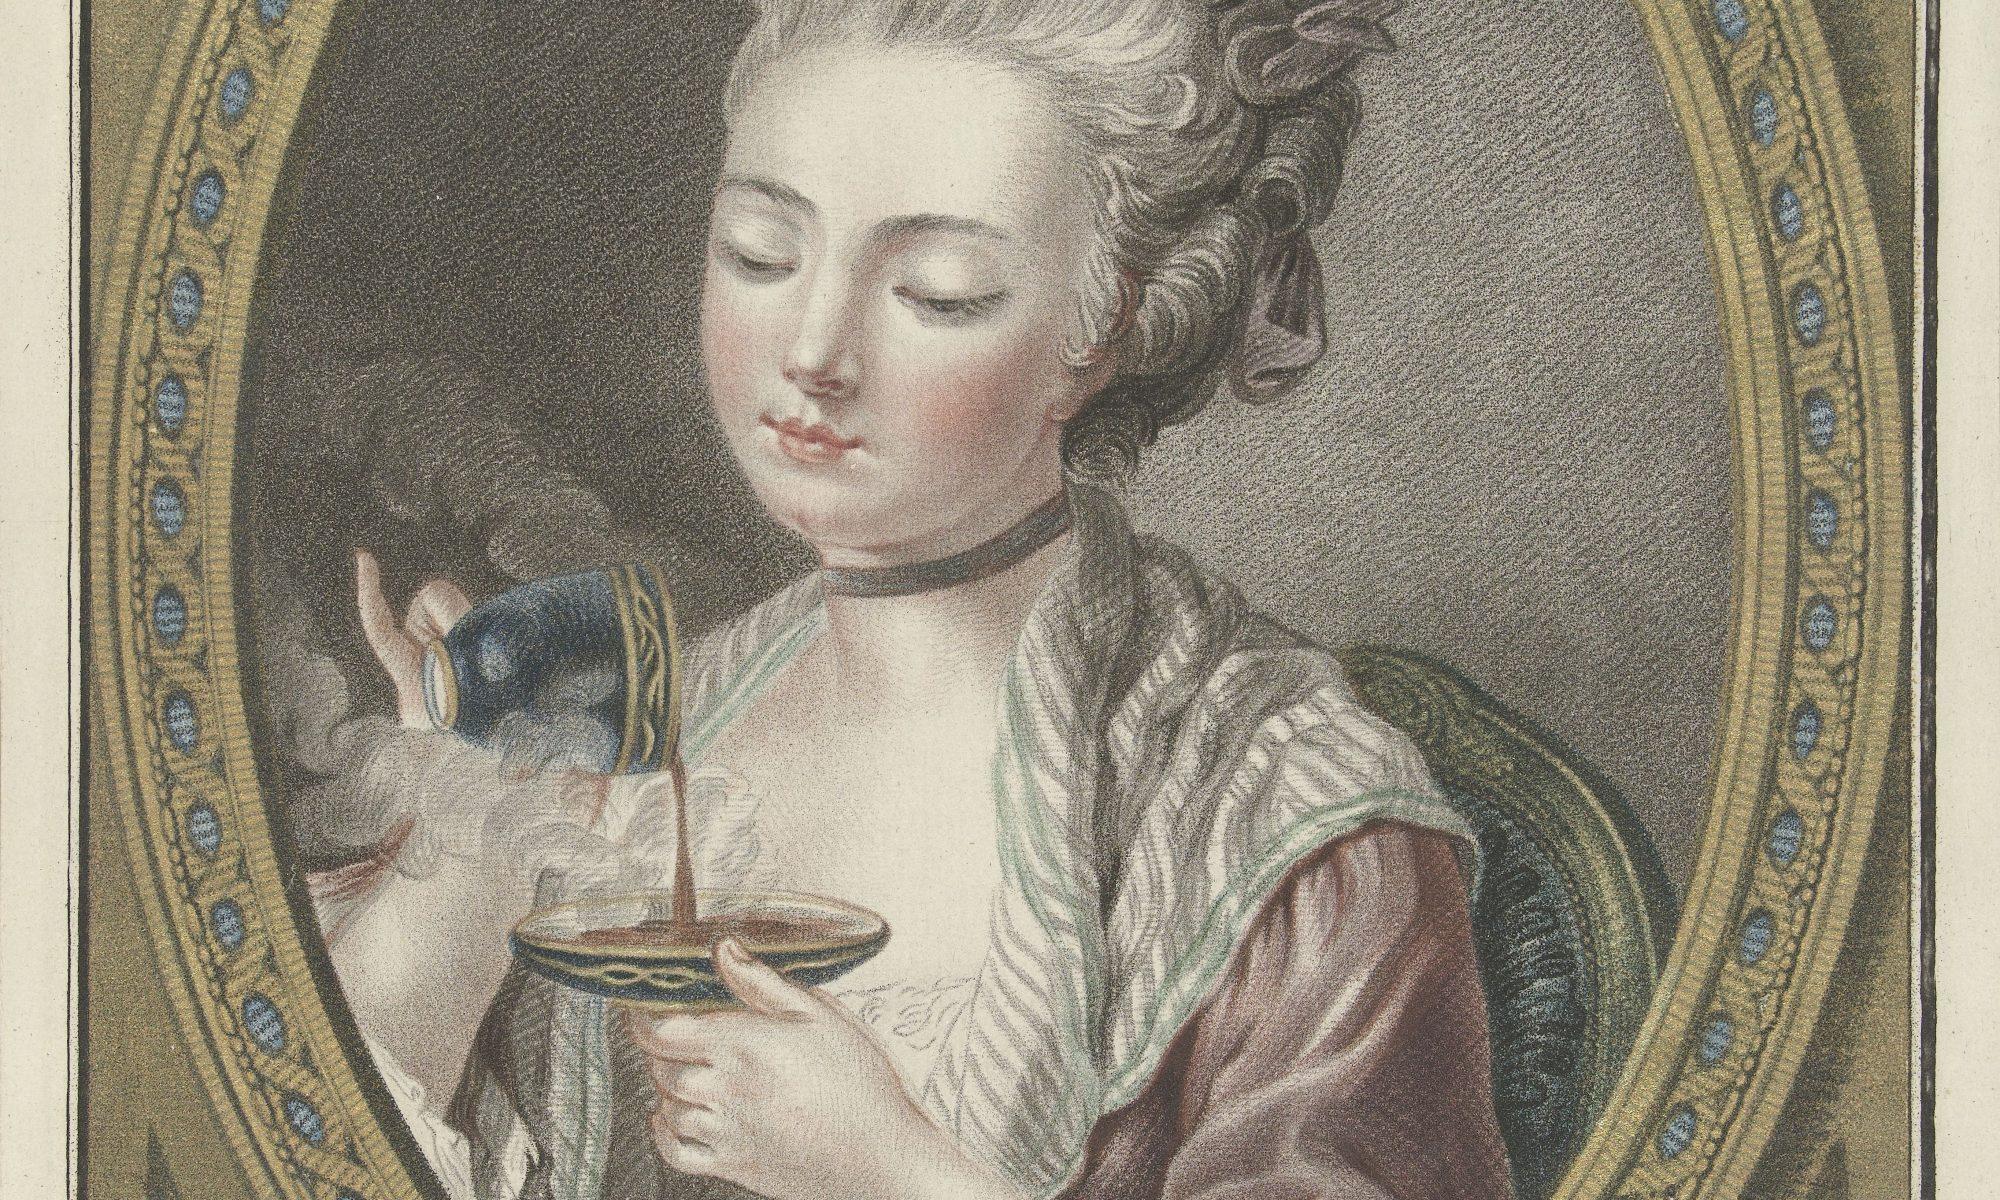 vrouw schenkt koffie uit over schotel